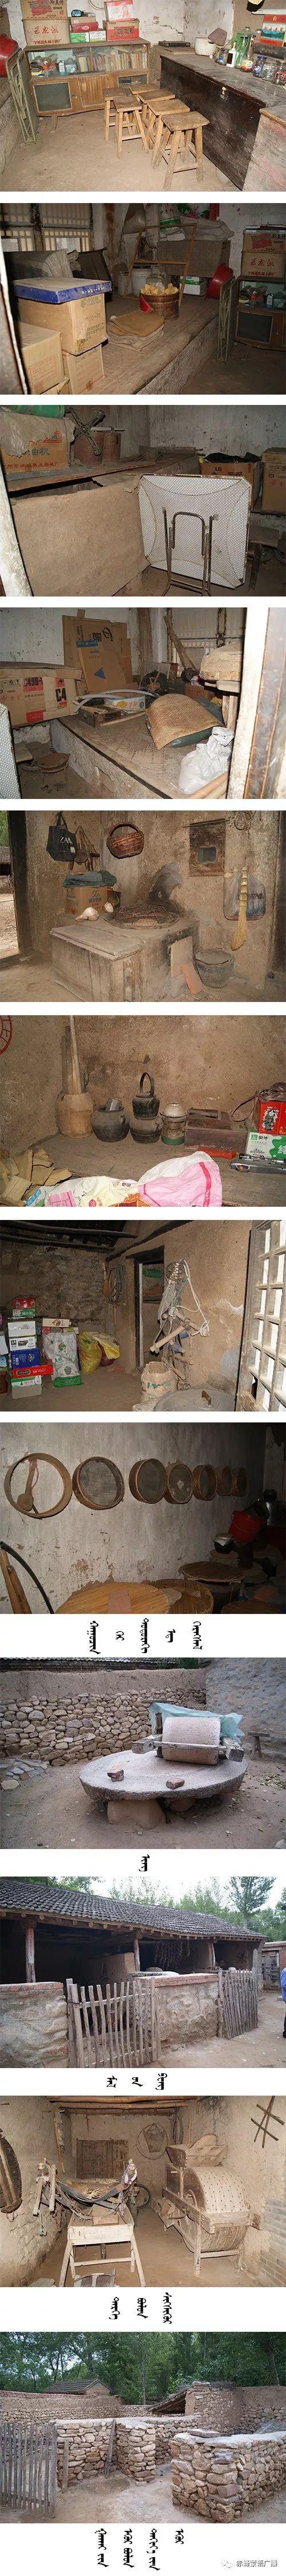 【音频】 养育七代人的喀喇沁蒙古族老房子 第2张 【音频】 养育七代人的喀喇沁蒙古族老房子 蒙古文化